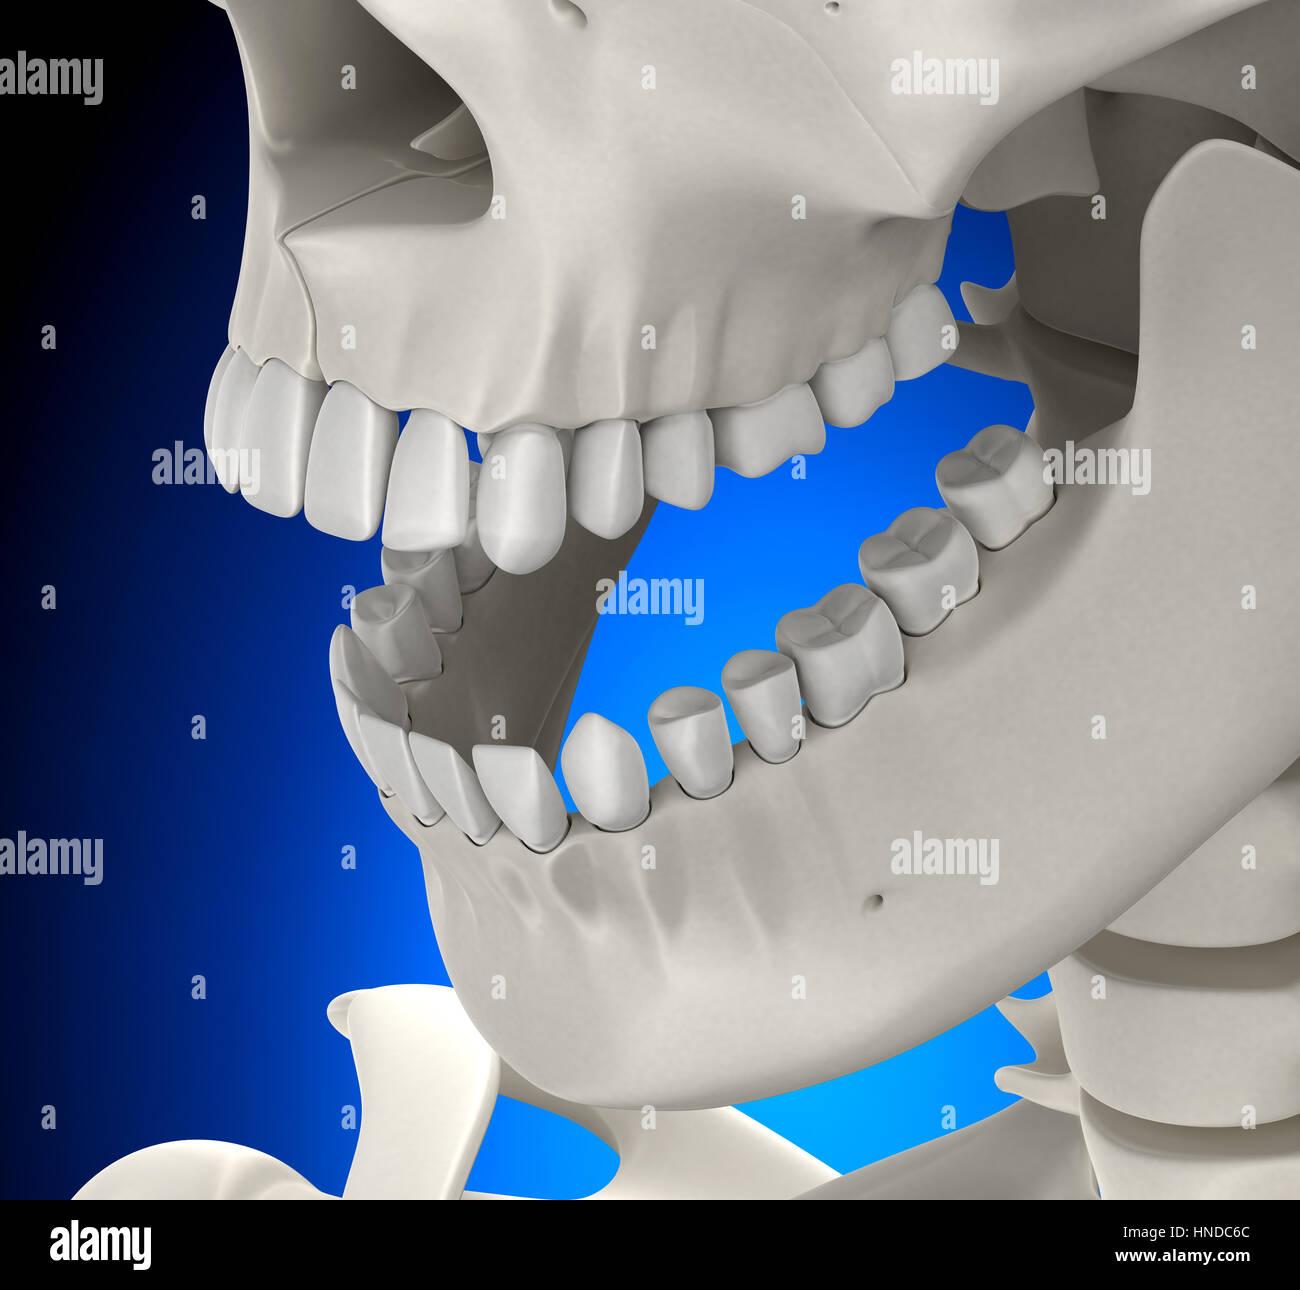 Los dientes del cráneo anatomía masculina sobre fondo azul ...